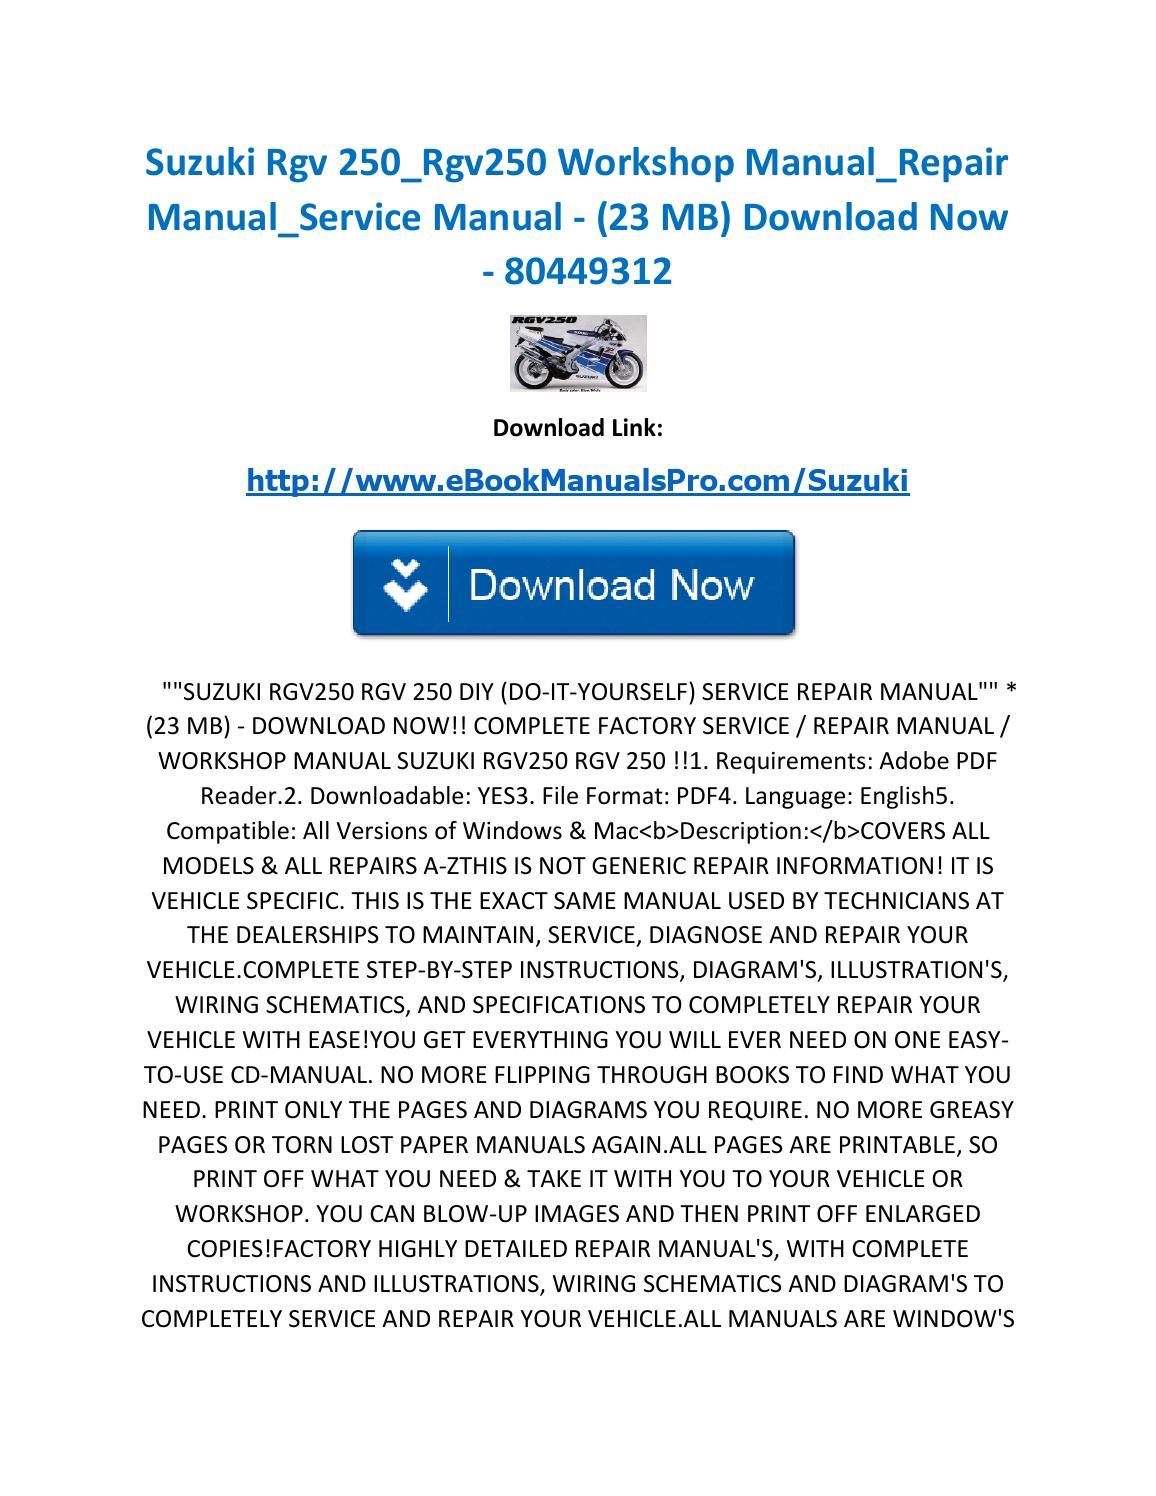 Suzuki Rgv 250 Rgv250 Workshop Manual Repair Manual